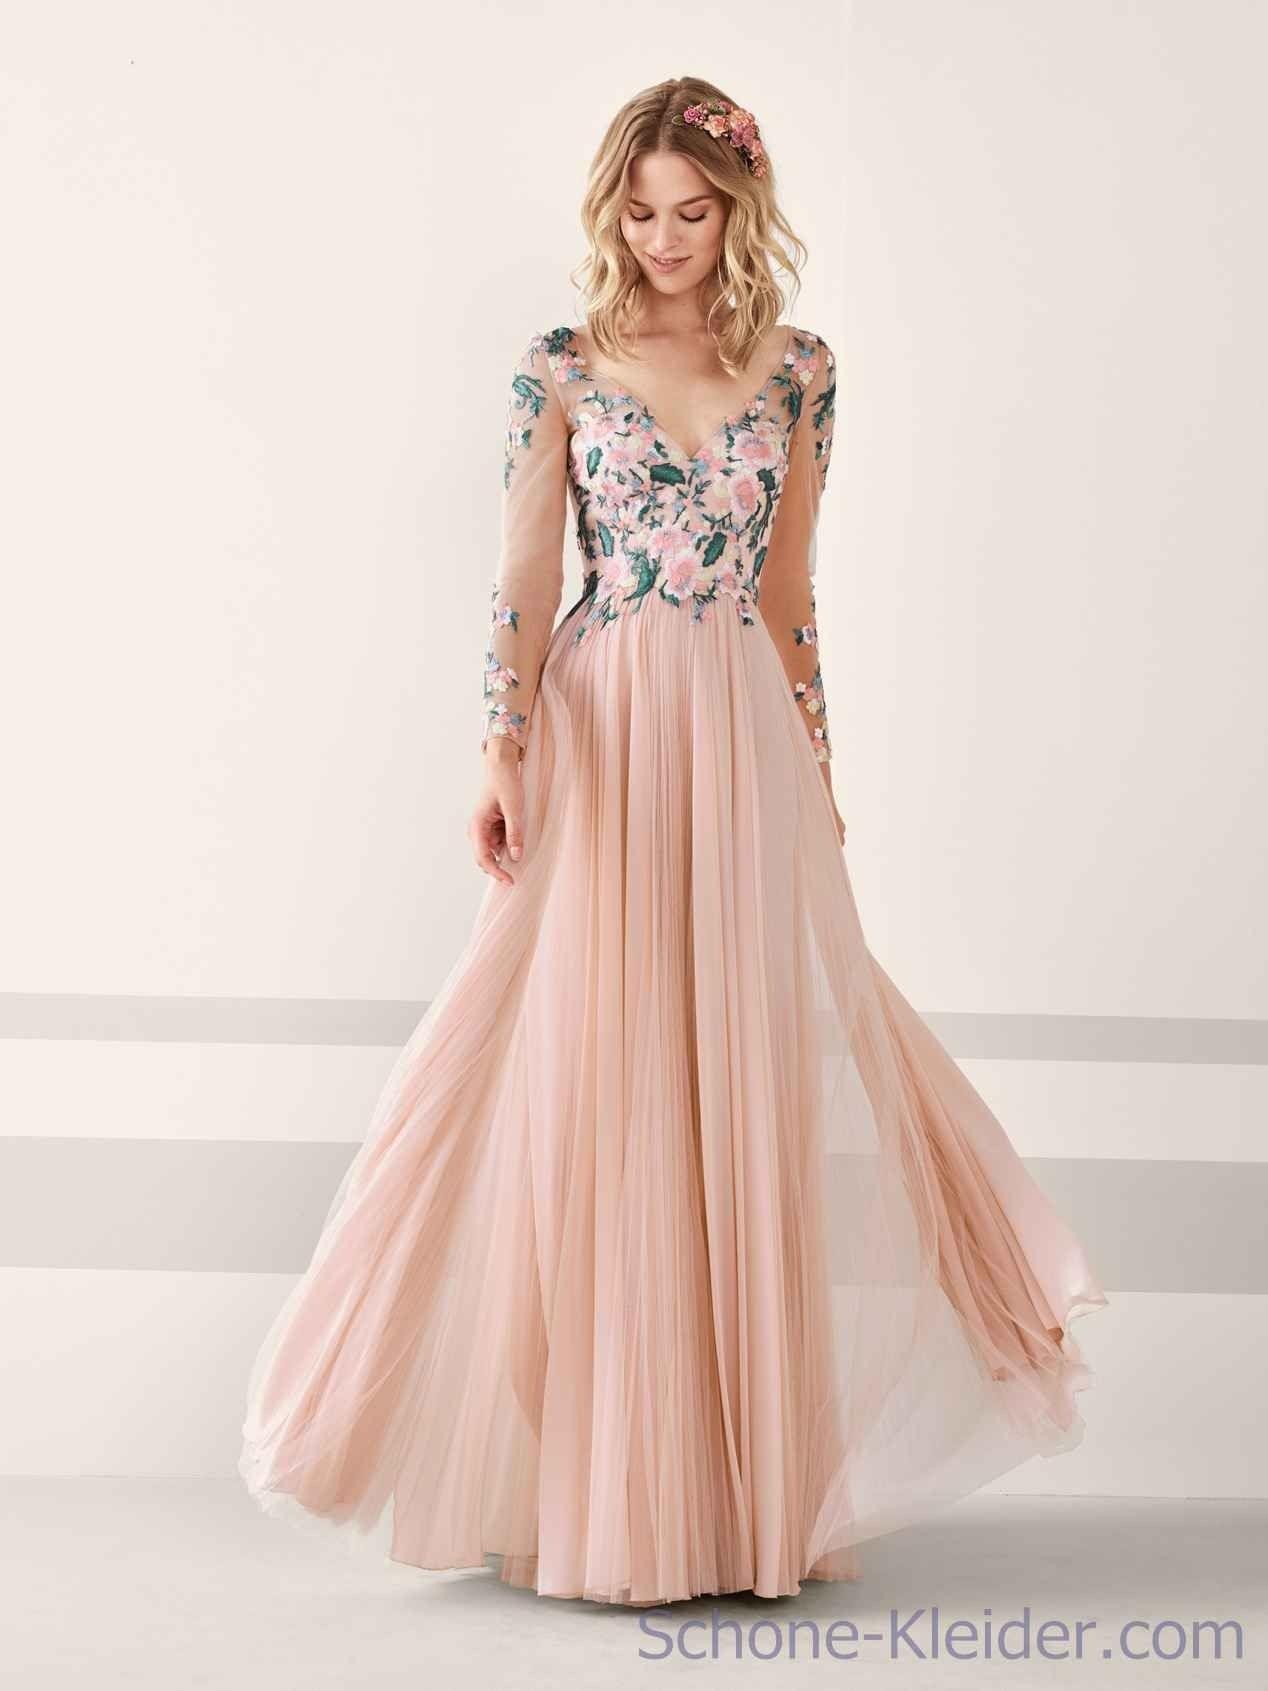 luxurius festliche kleider lang stylish - abendkleid